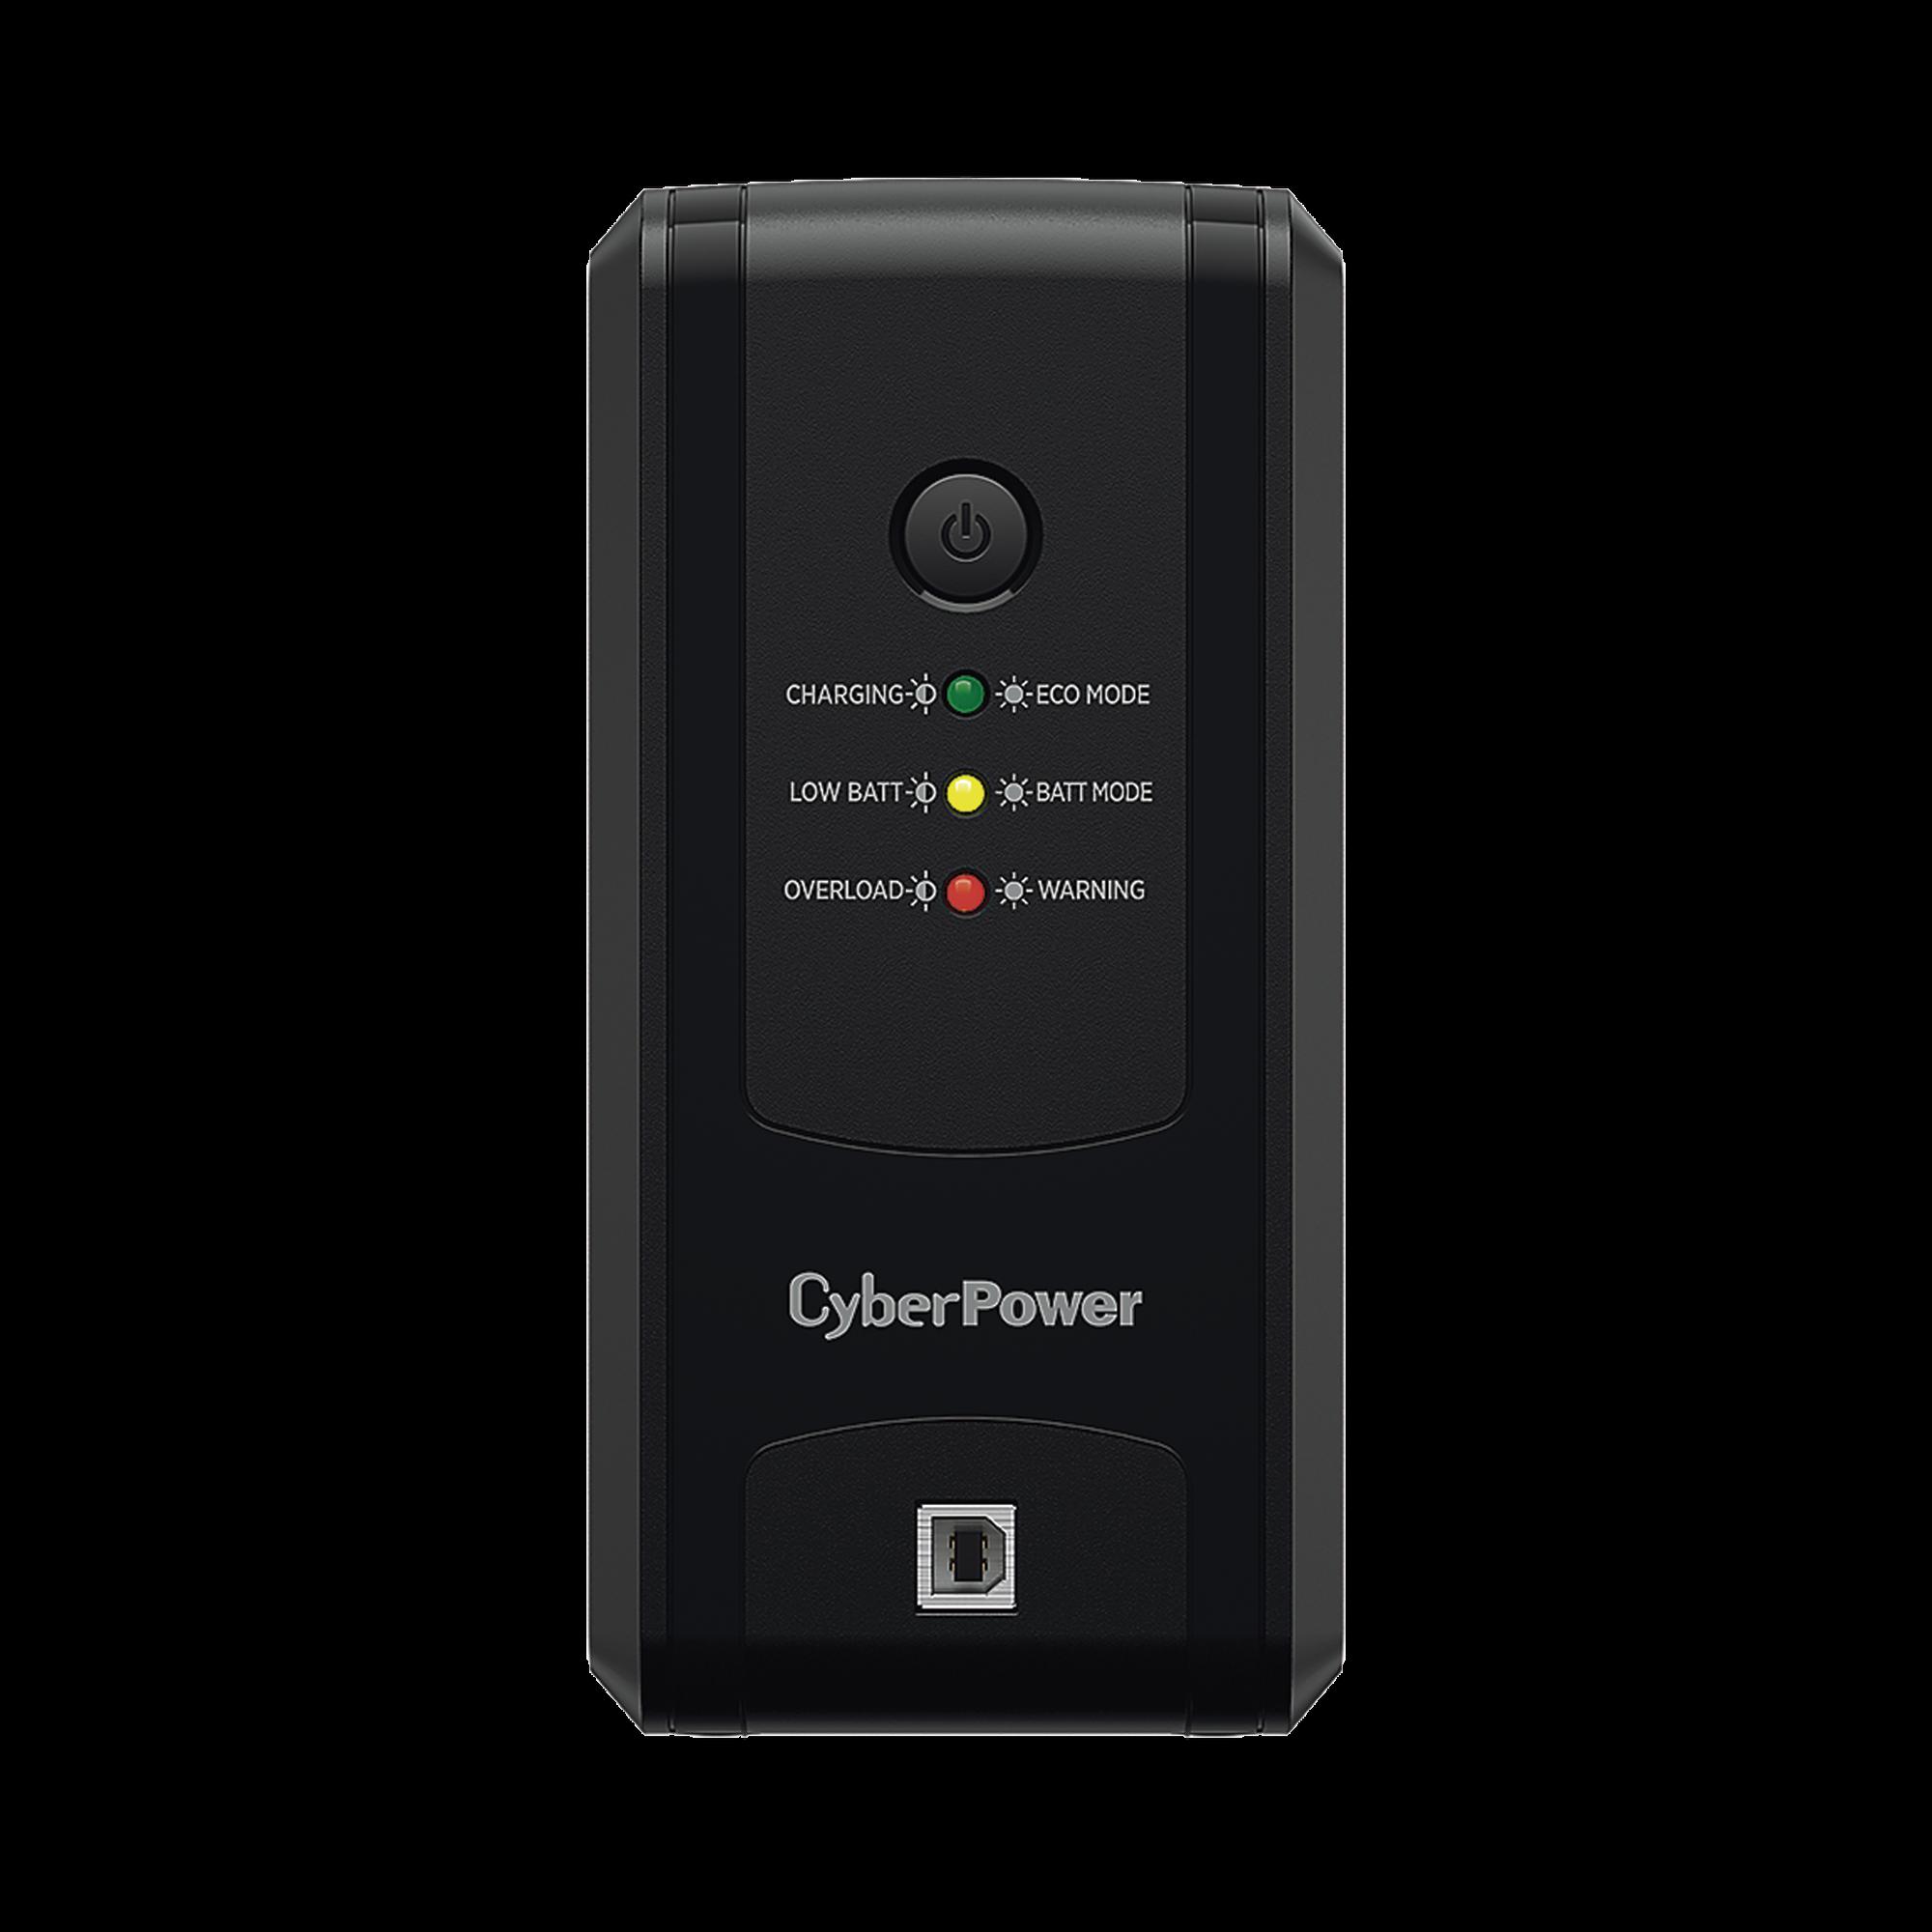 UPS de 1000 VA/500 W, Topología Línea Interactiva, Entrada 120 Vca  NEMA 5-15P, y 8 Salidas NEMA 5-15R, Puerto USB, Con Regulador de Voltaje (AVR)